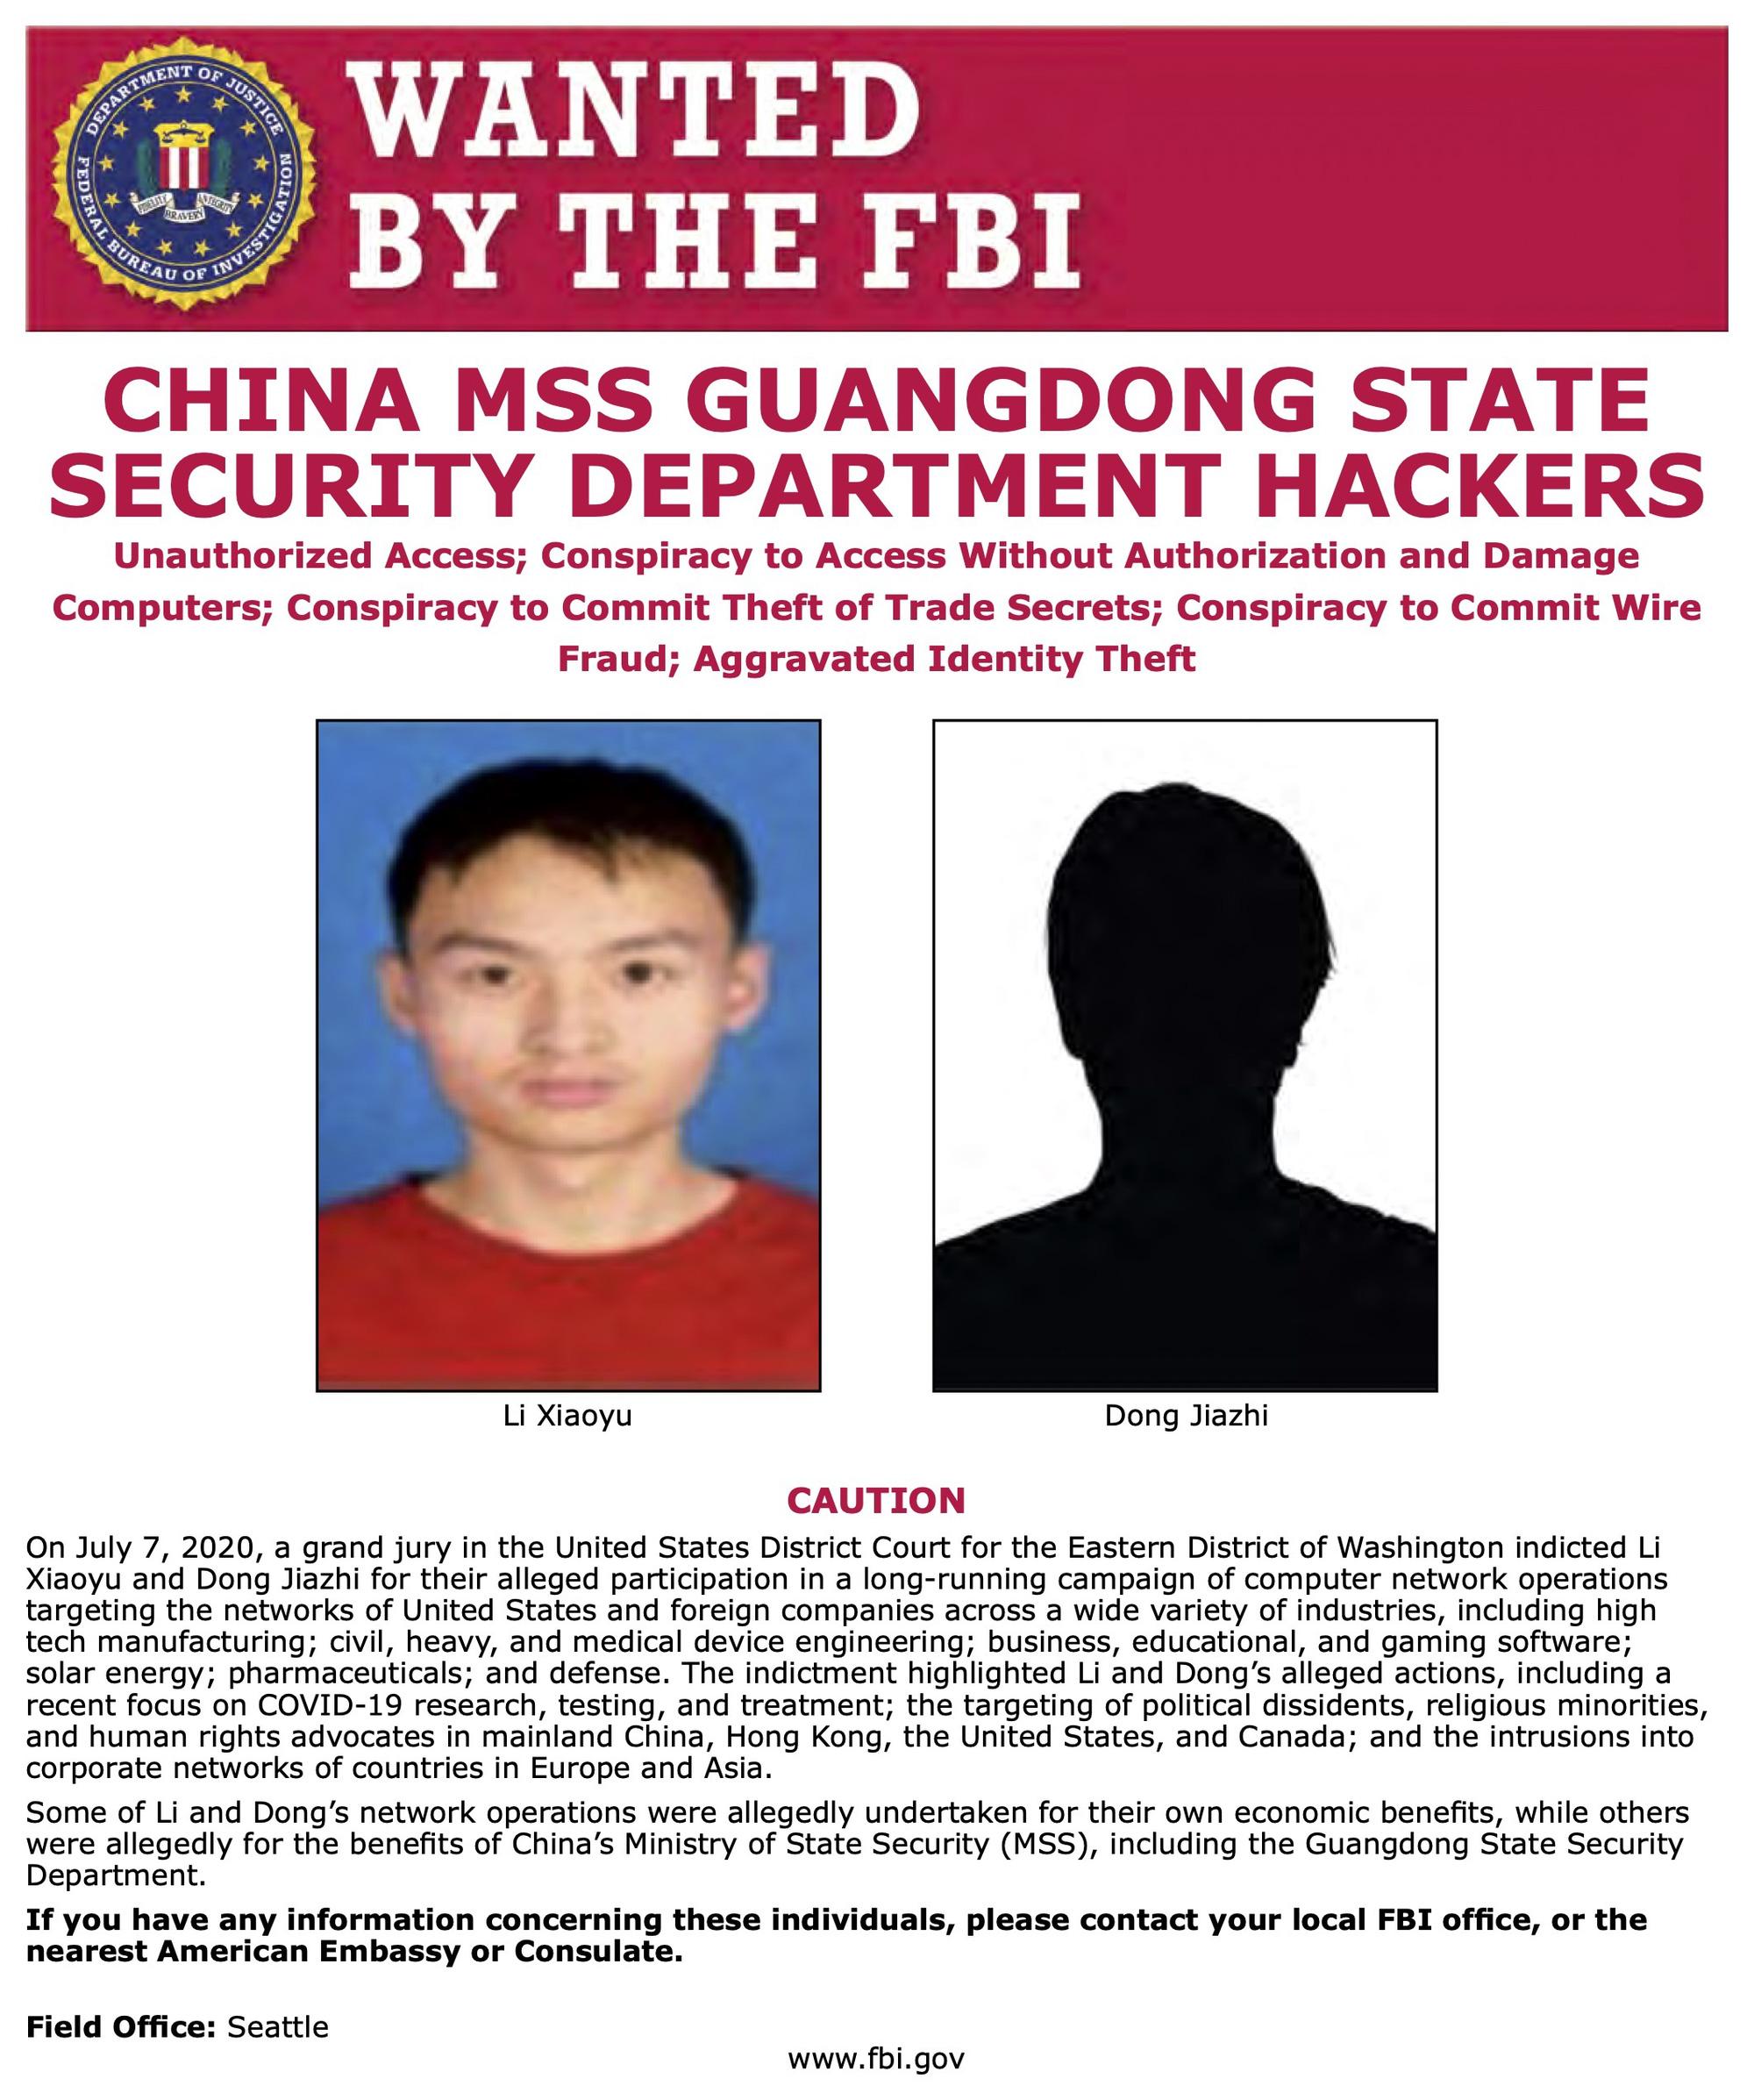 Mỹ buộc tội hacker Trung Quốc ăn cắp nghiên cứu vắc-xin chống dịch Covid-19 - Ảnh 1.